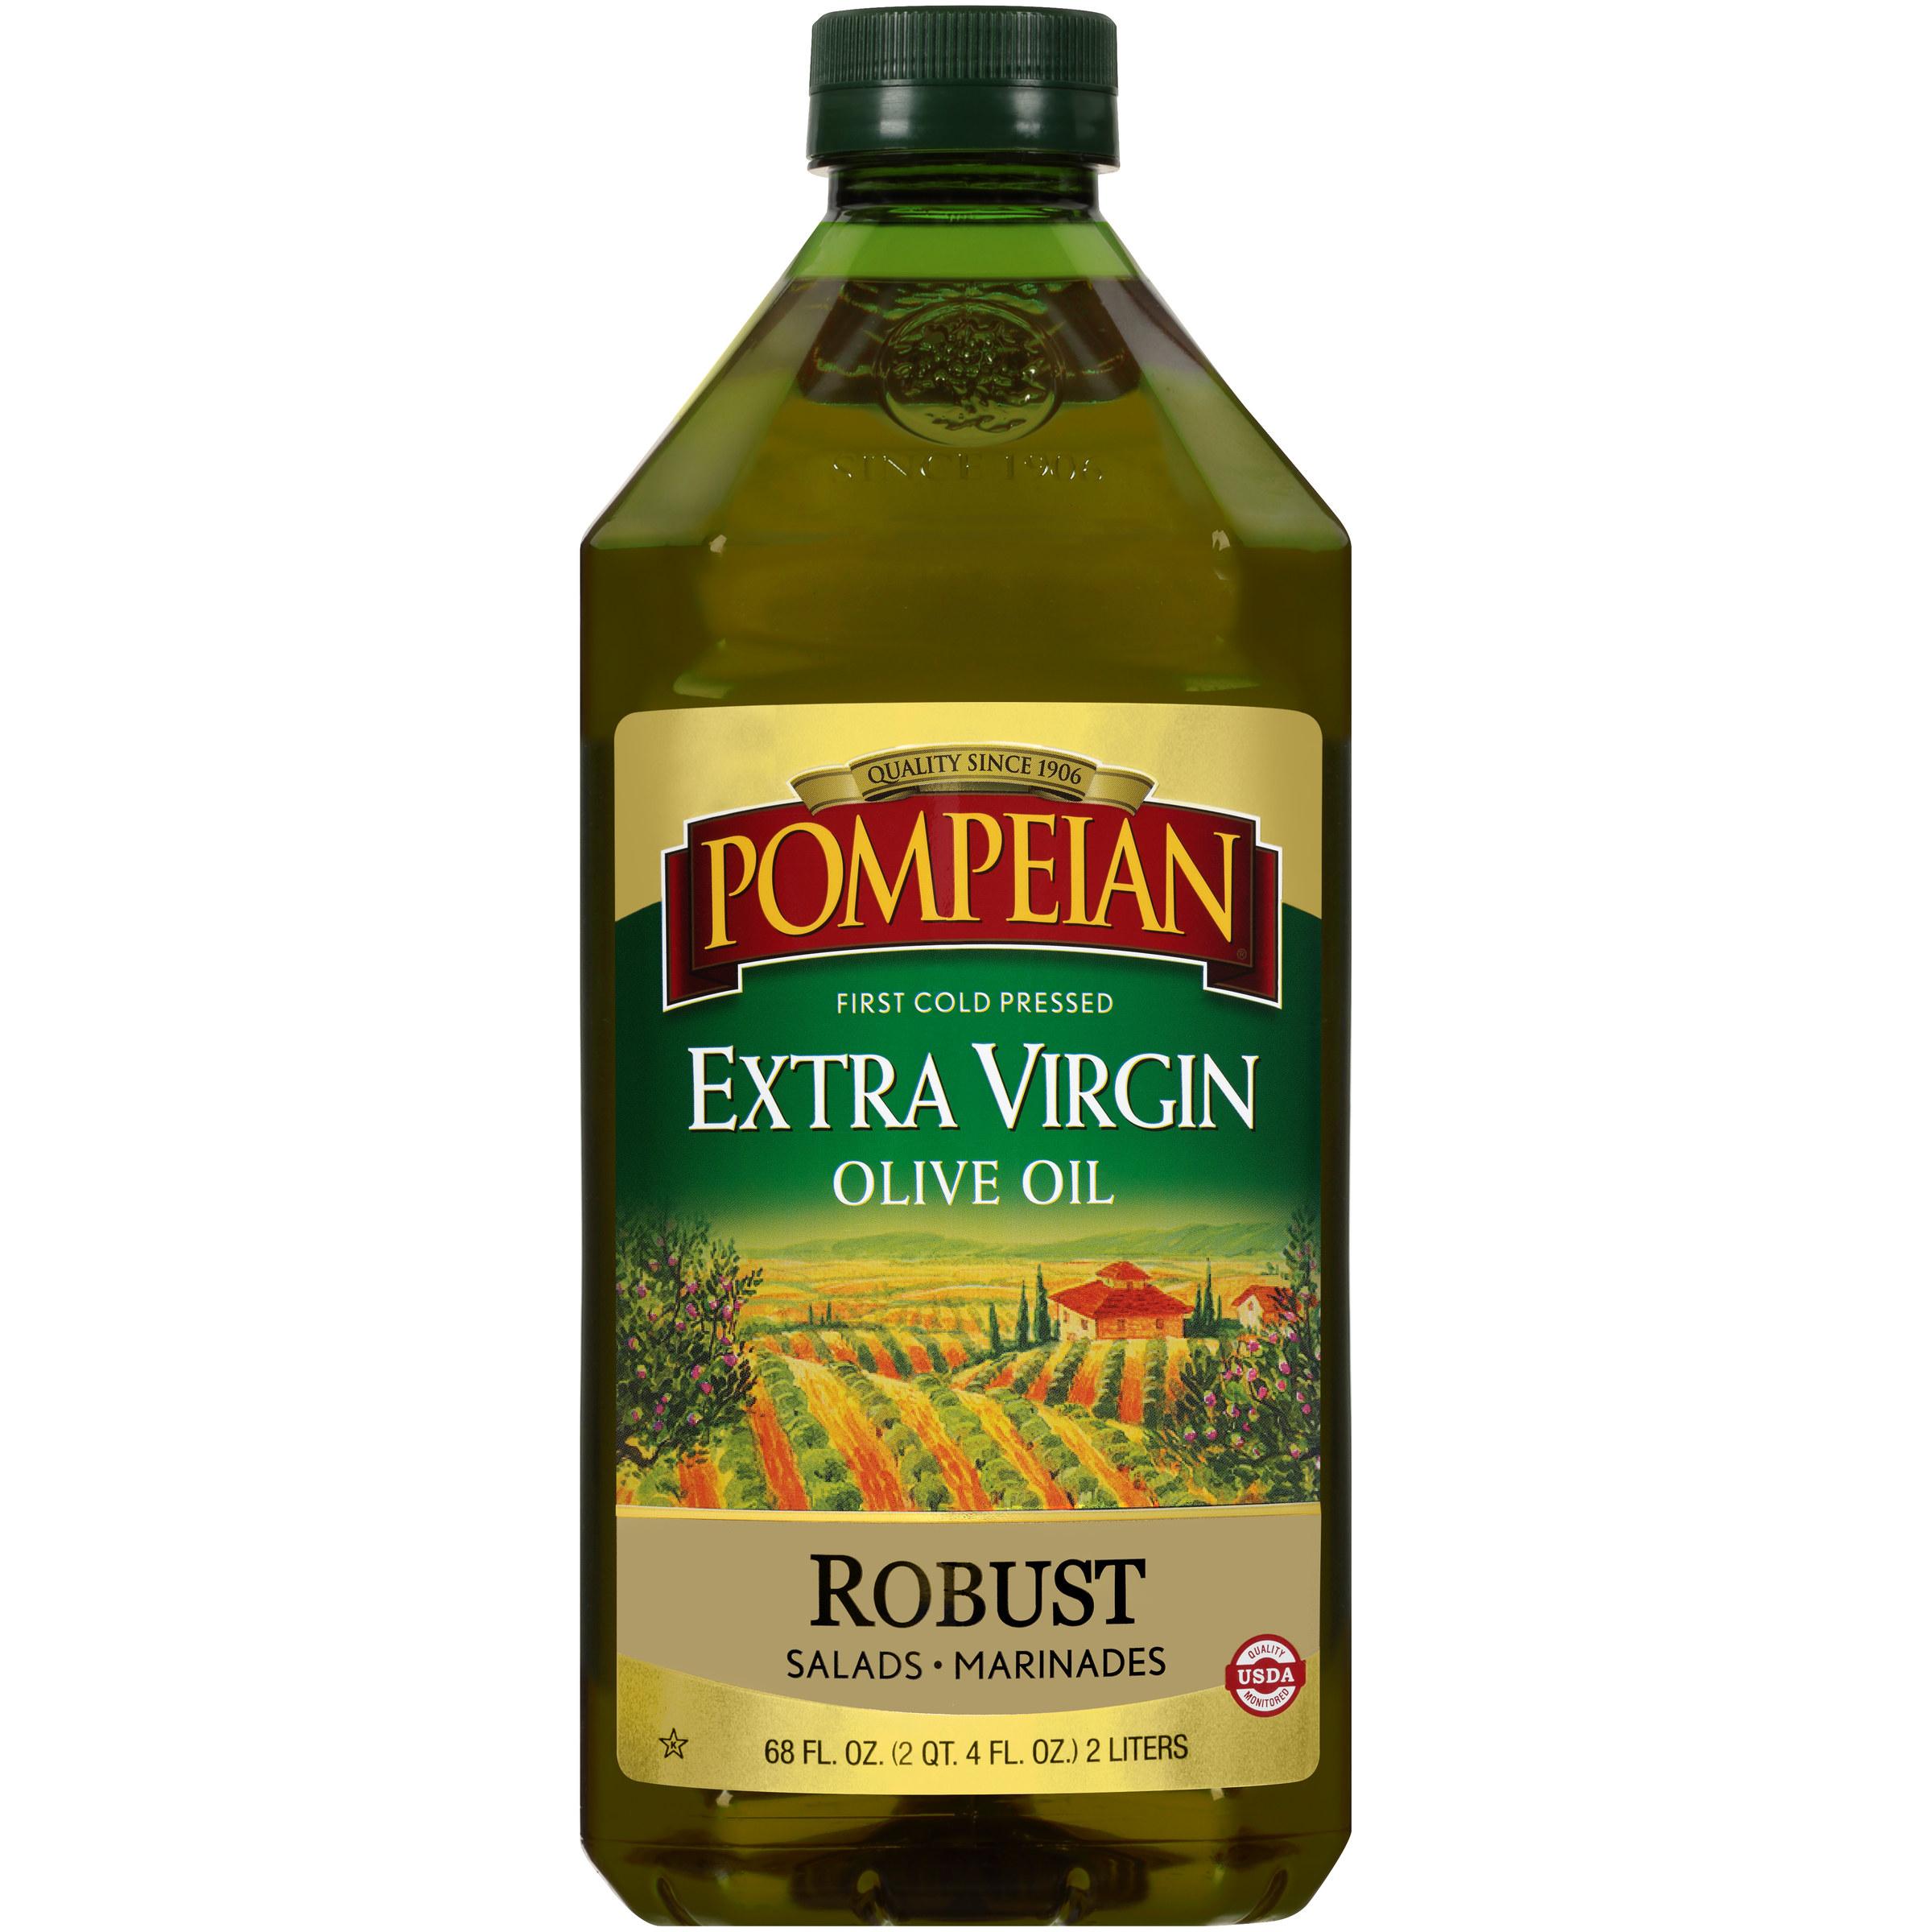 the green bottle of oil